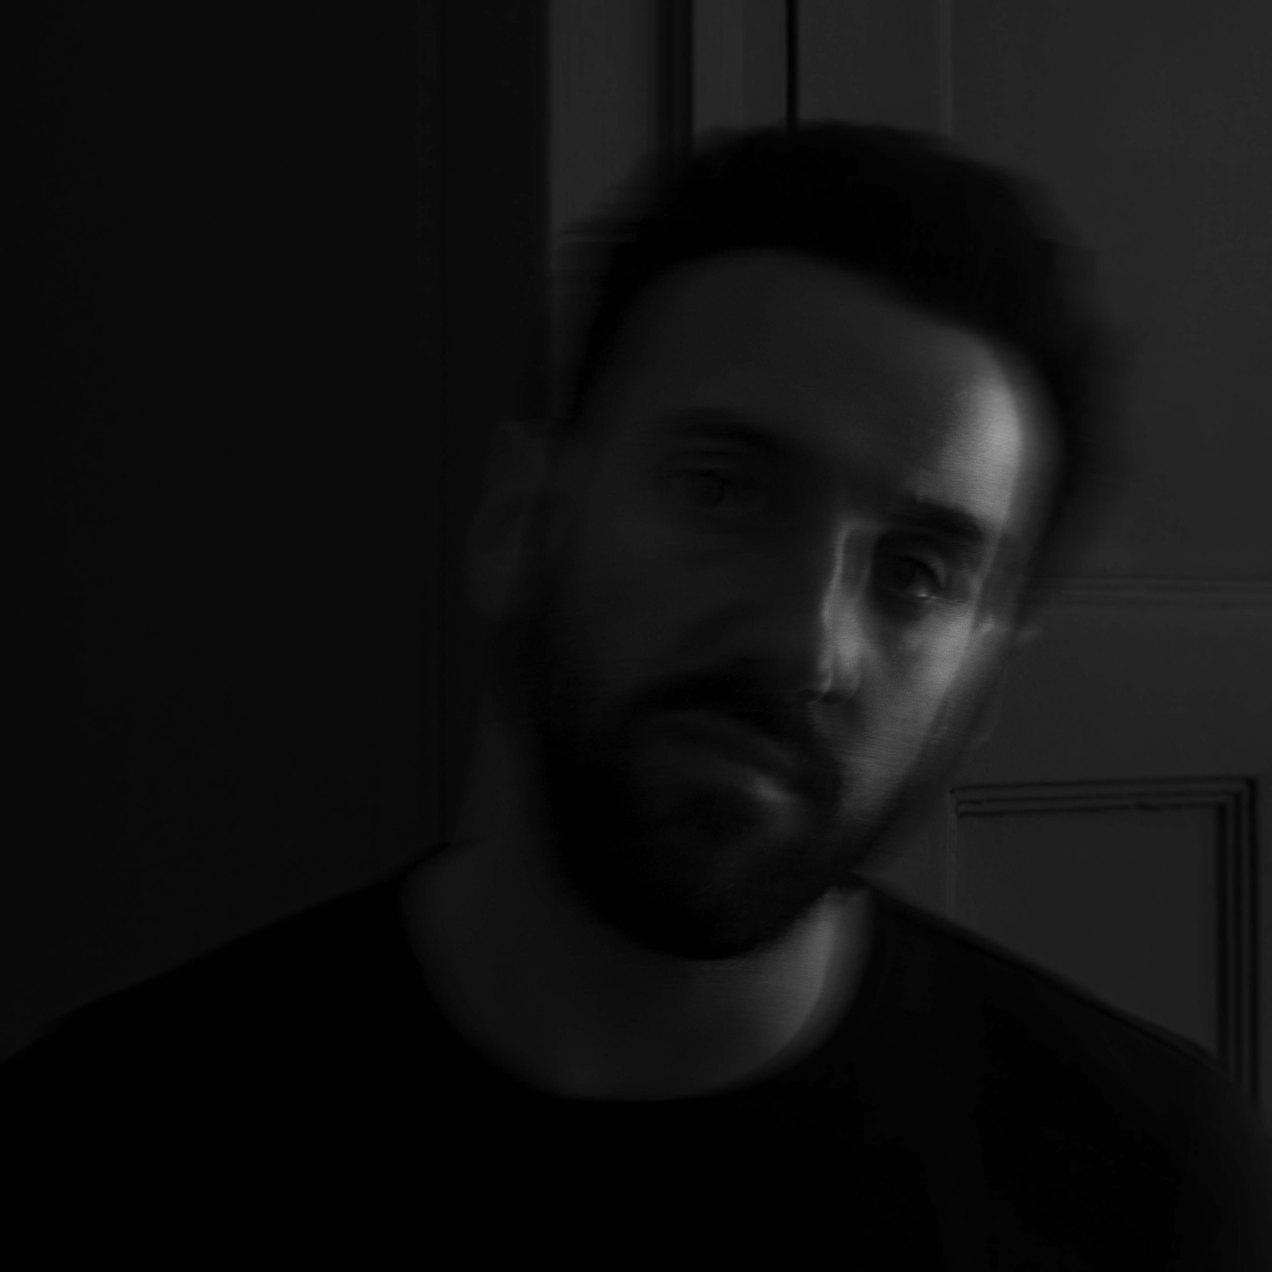 Altan, flou artistique, gildalliere, mars 2020